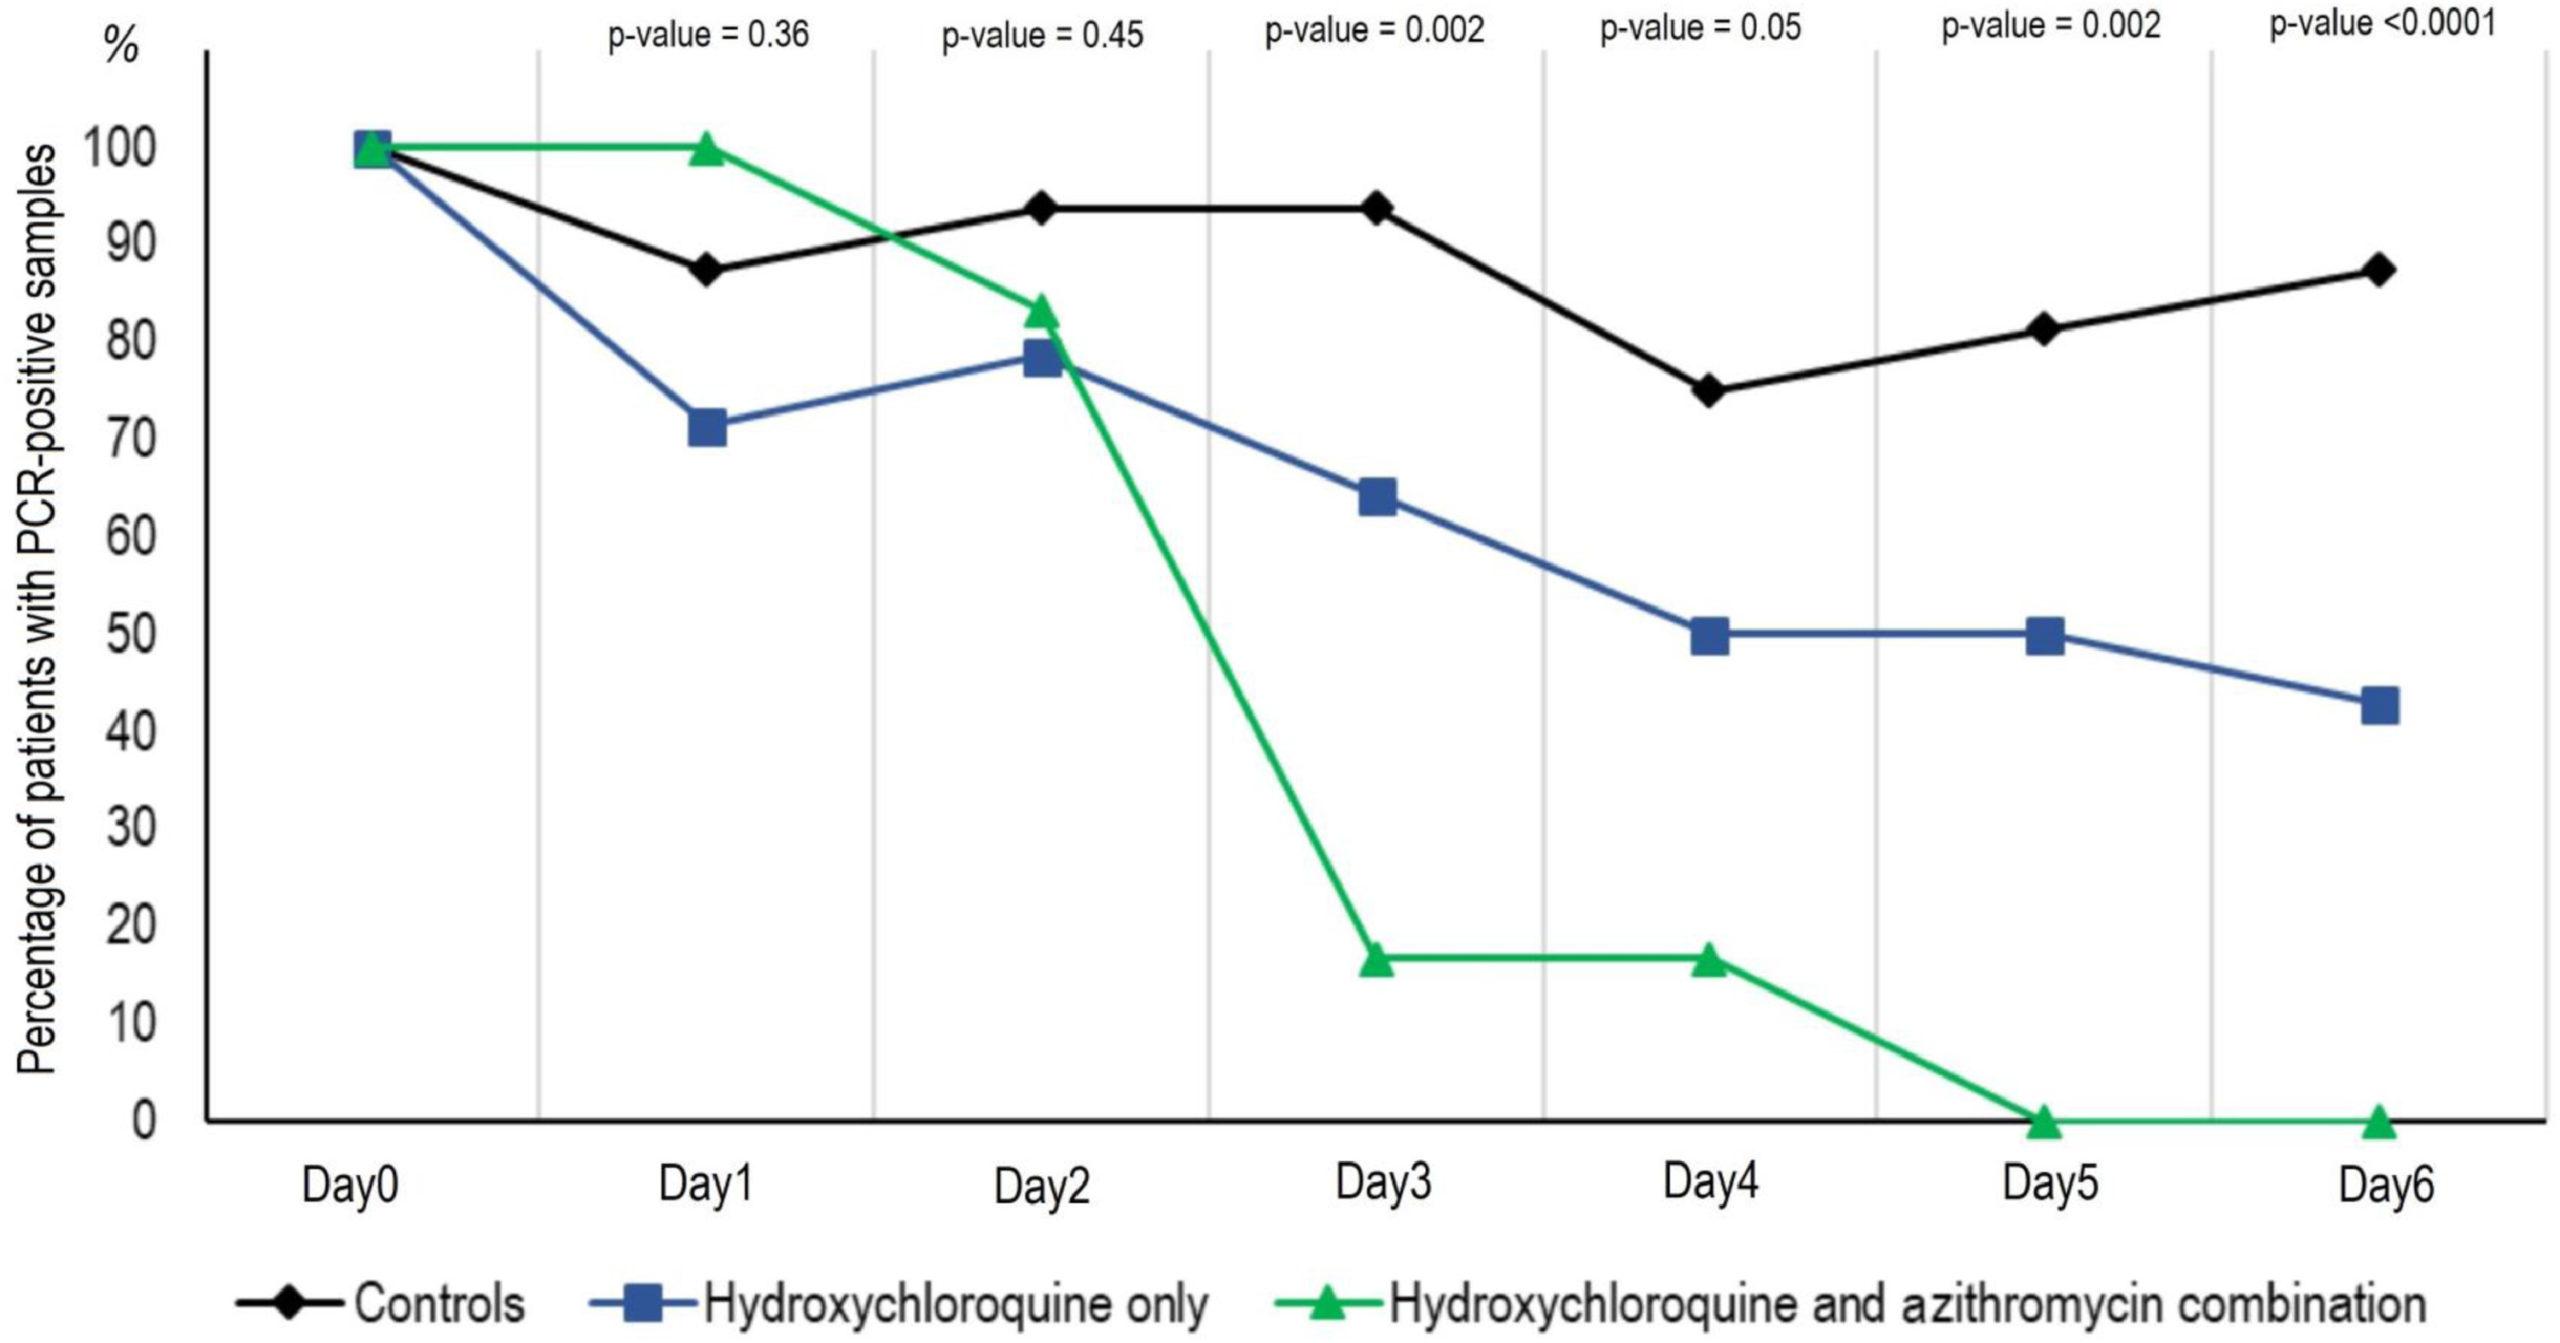 ヒドロキシクロロキン+アジスロマイシン vs ヒドロキシクロロキンのみ vs コントロール